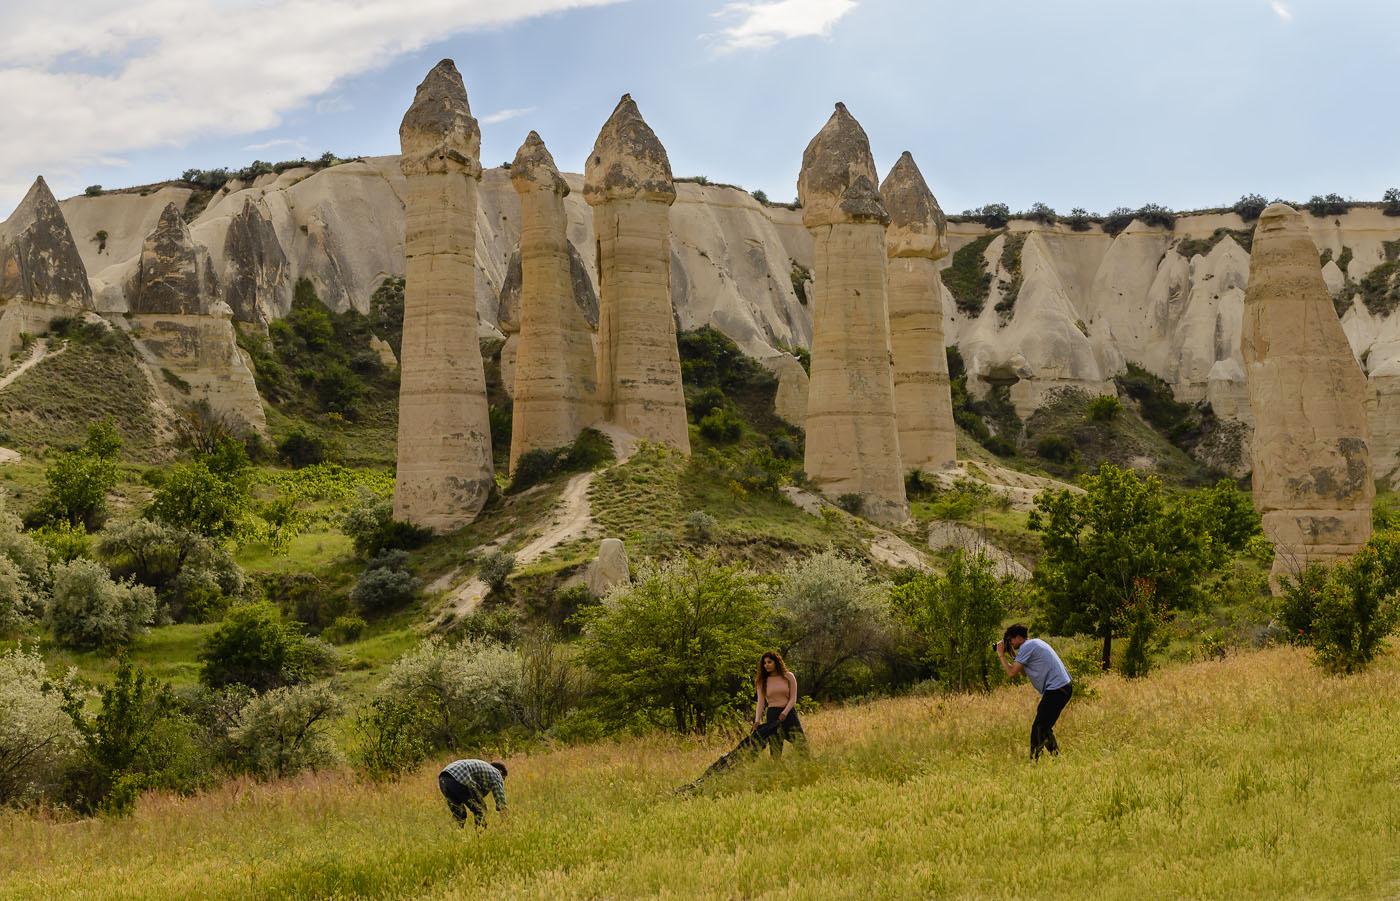 Фото 20. Каппадокия. Фотосессия в Долине любви (Love Valley). Отчеты туристов об отдыхе в Турции. 1/500, -1.33, 8.0, 250, 55